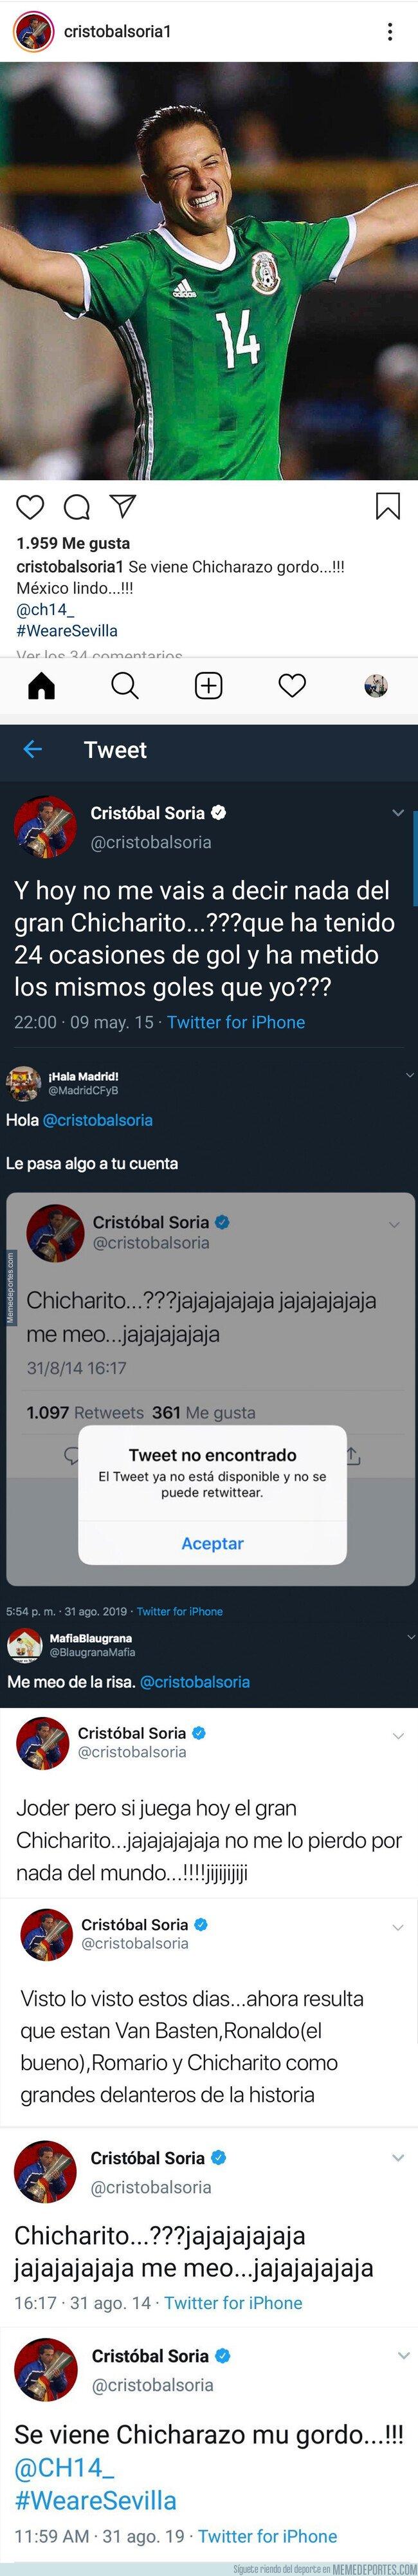 1084749 - Estos son todos los tuits de Cristóbal Soria que ha borrado sobre Chicharito tras su fichaje por el Sevilla